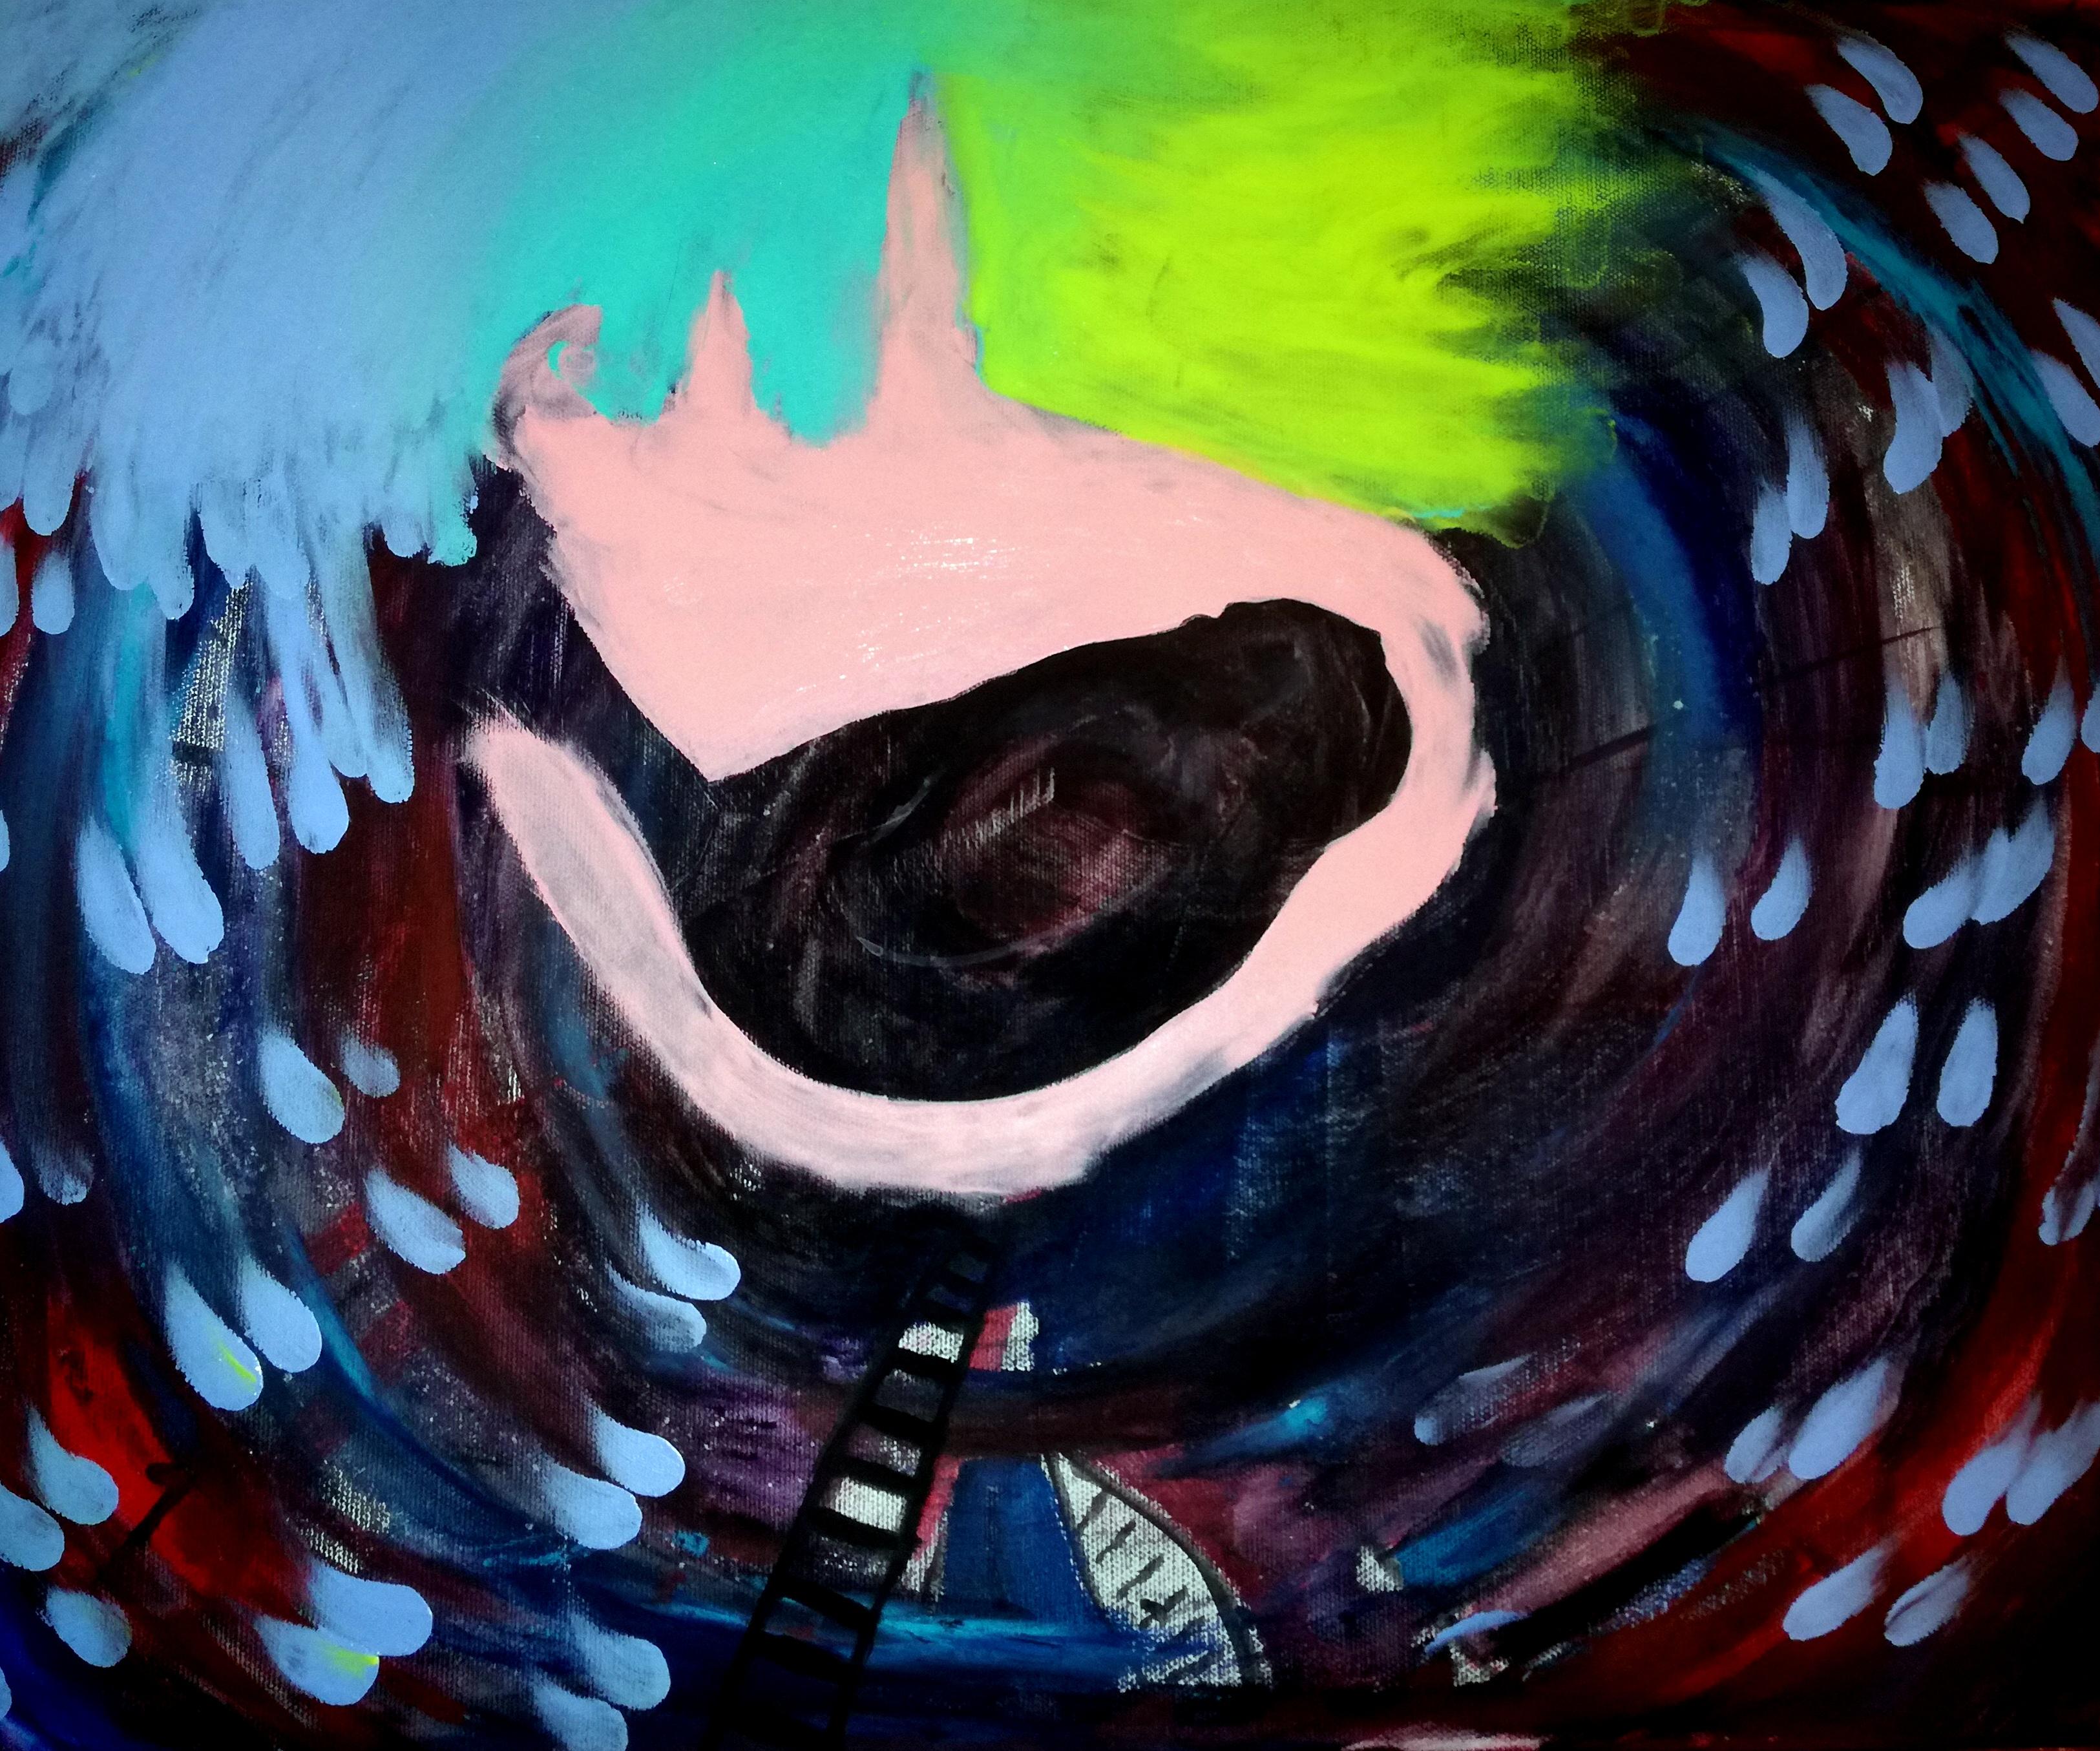 transformująca moc malowania